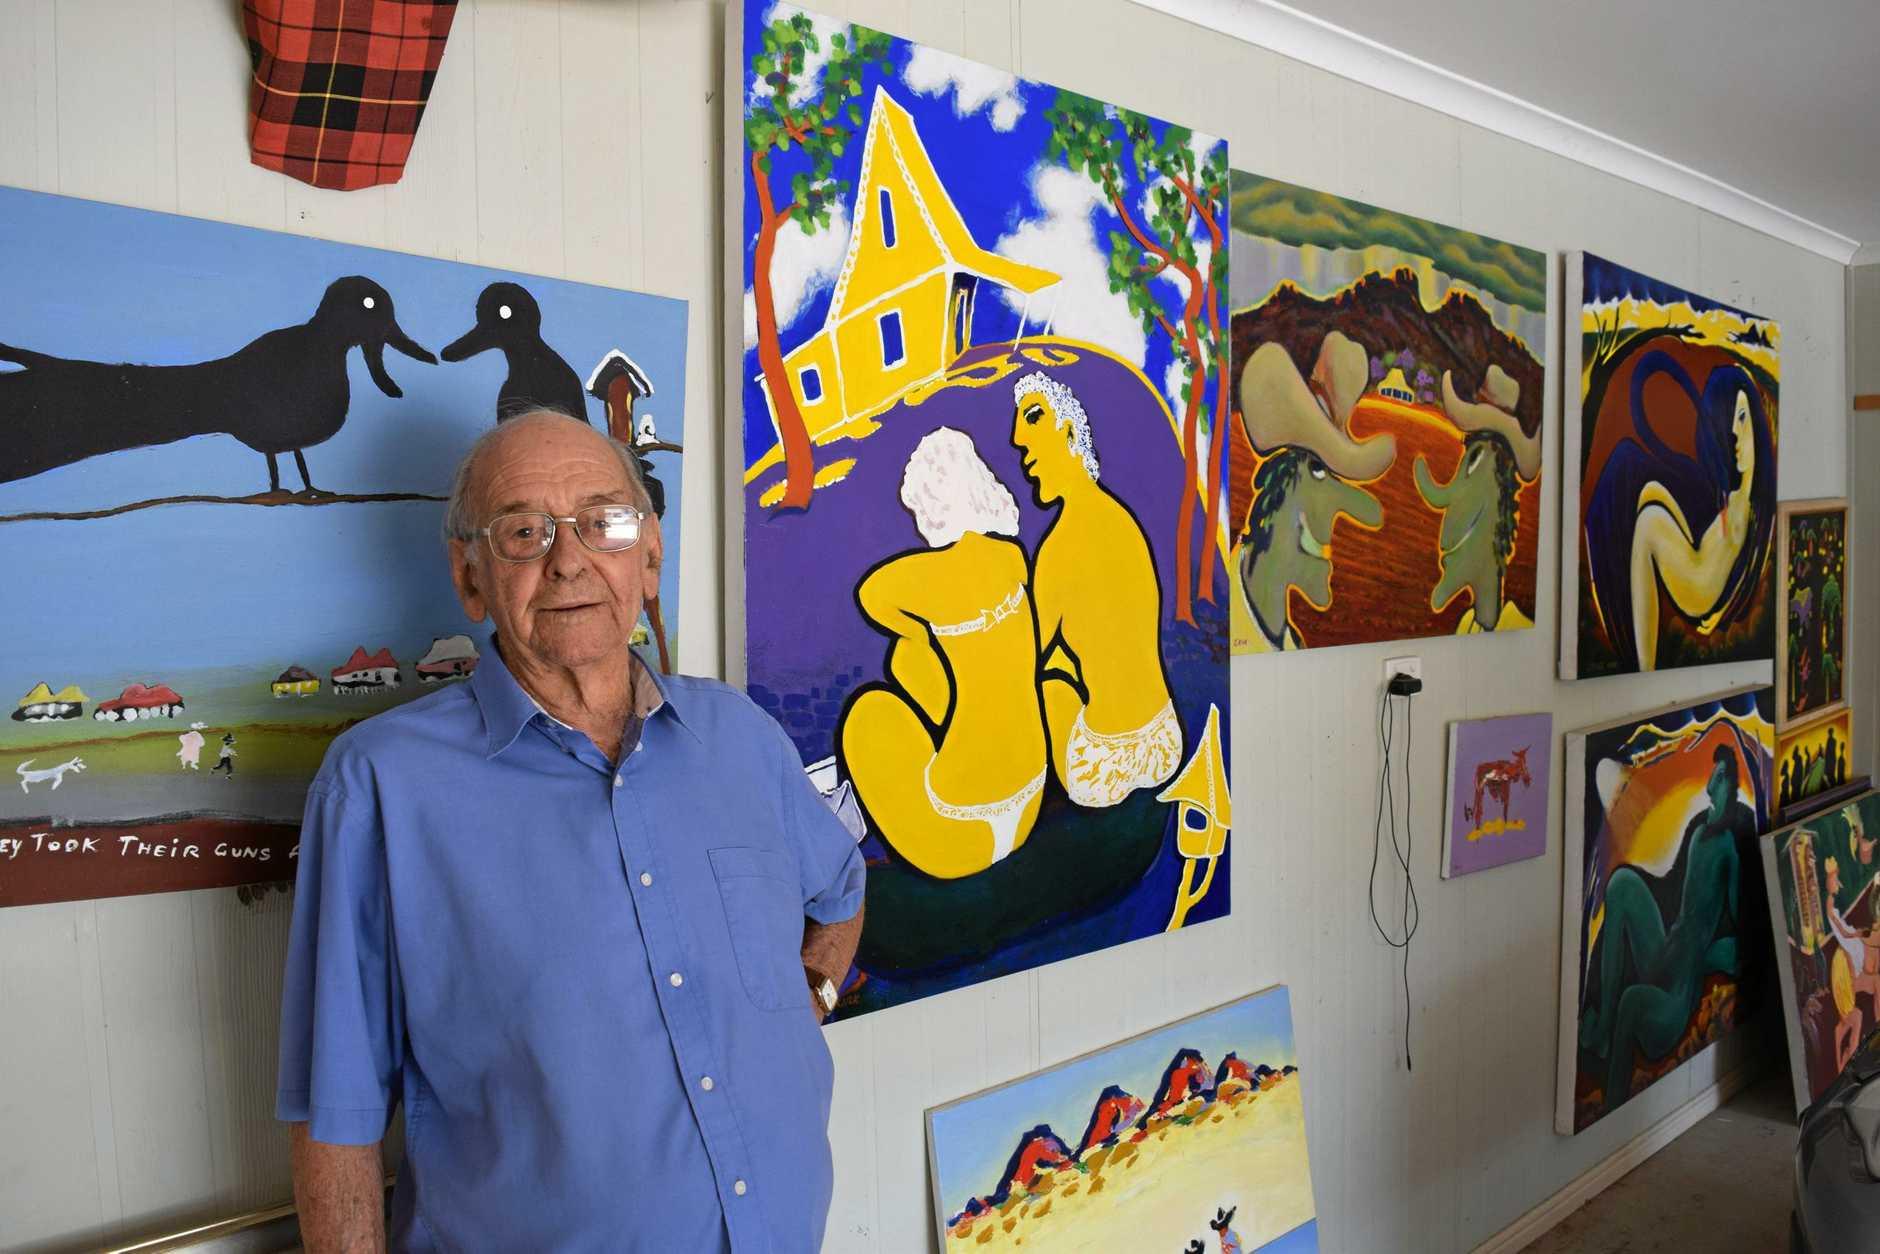 George Kirk displays his work throughout his home.